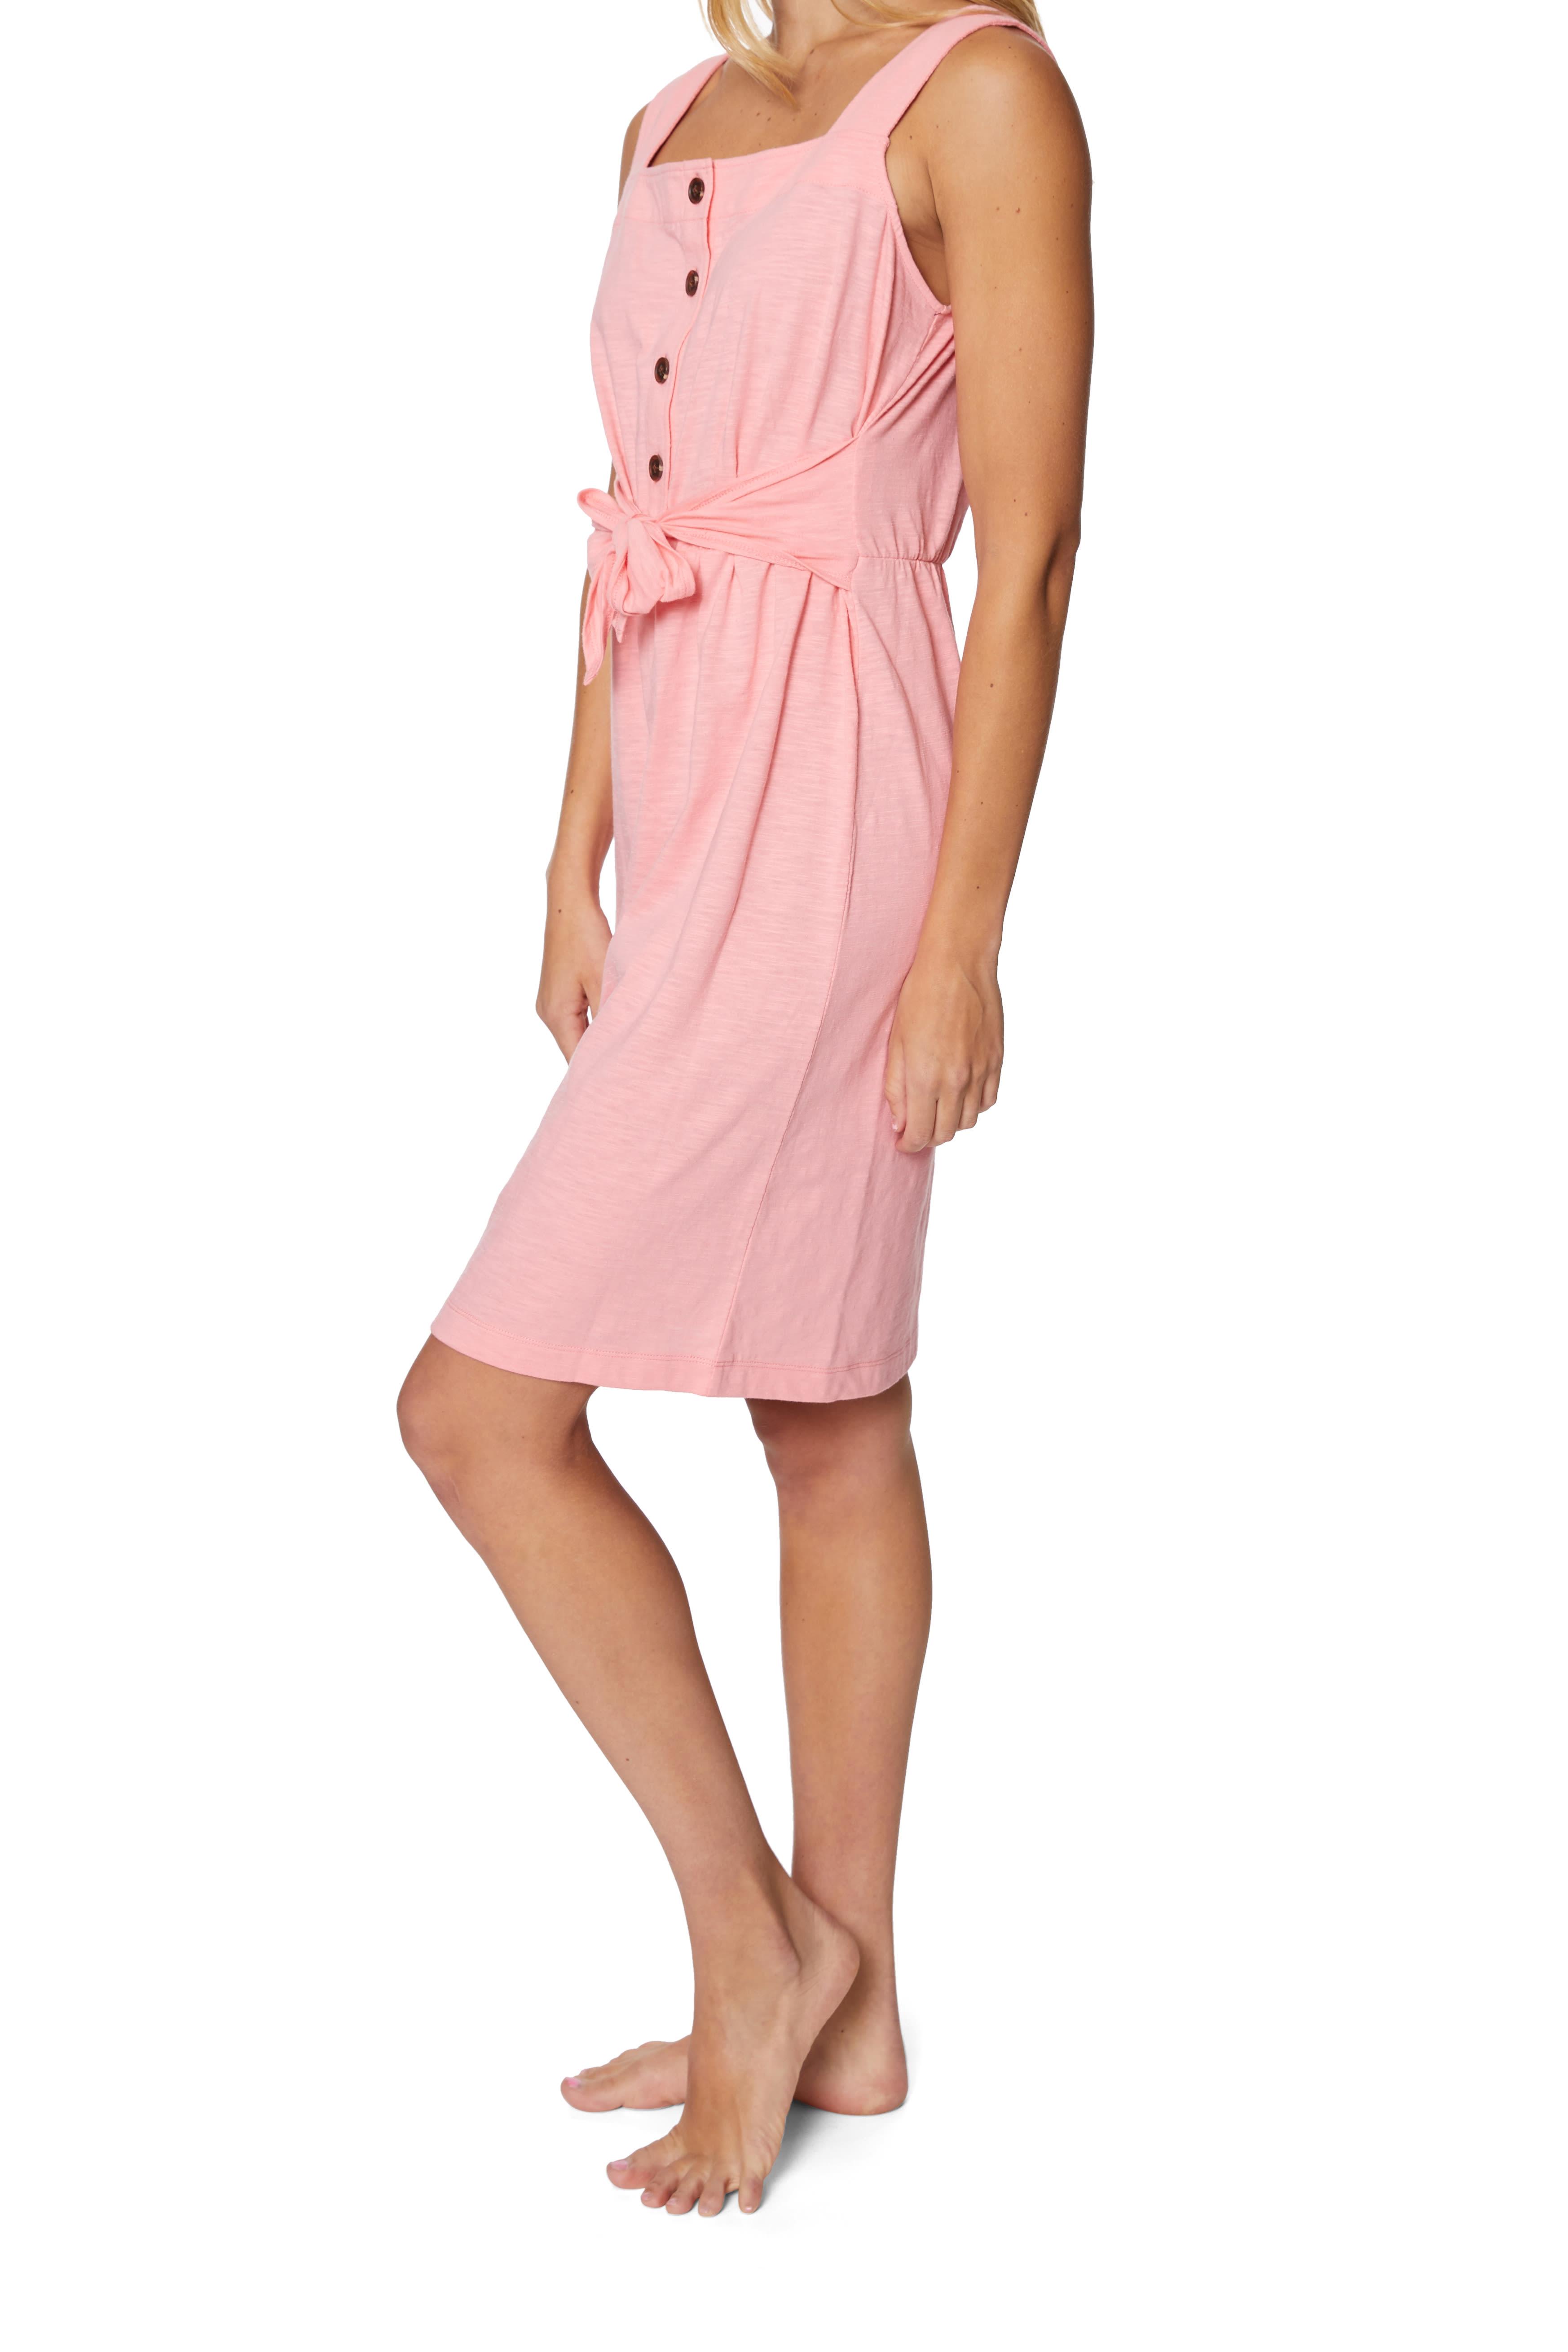 Caribbean Joe® Front Knot Button-Up Dress - Pink - Detail